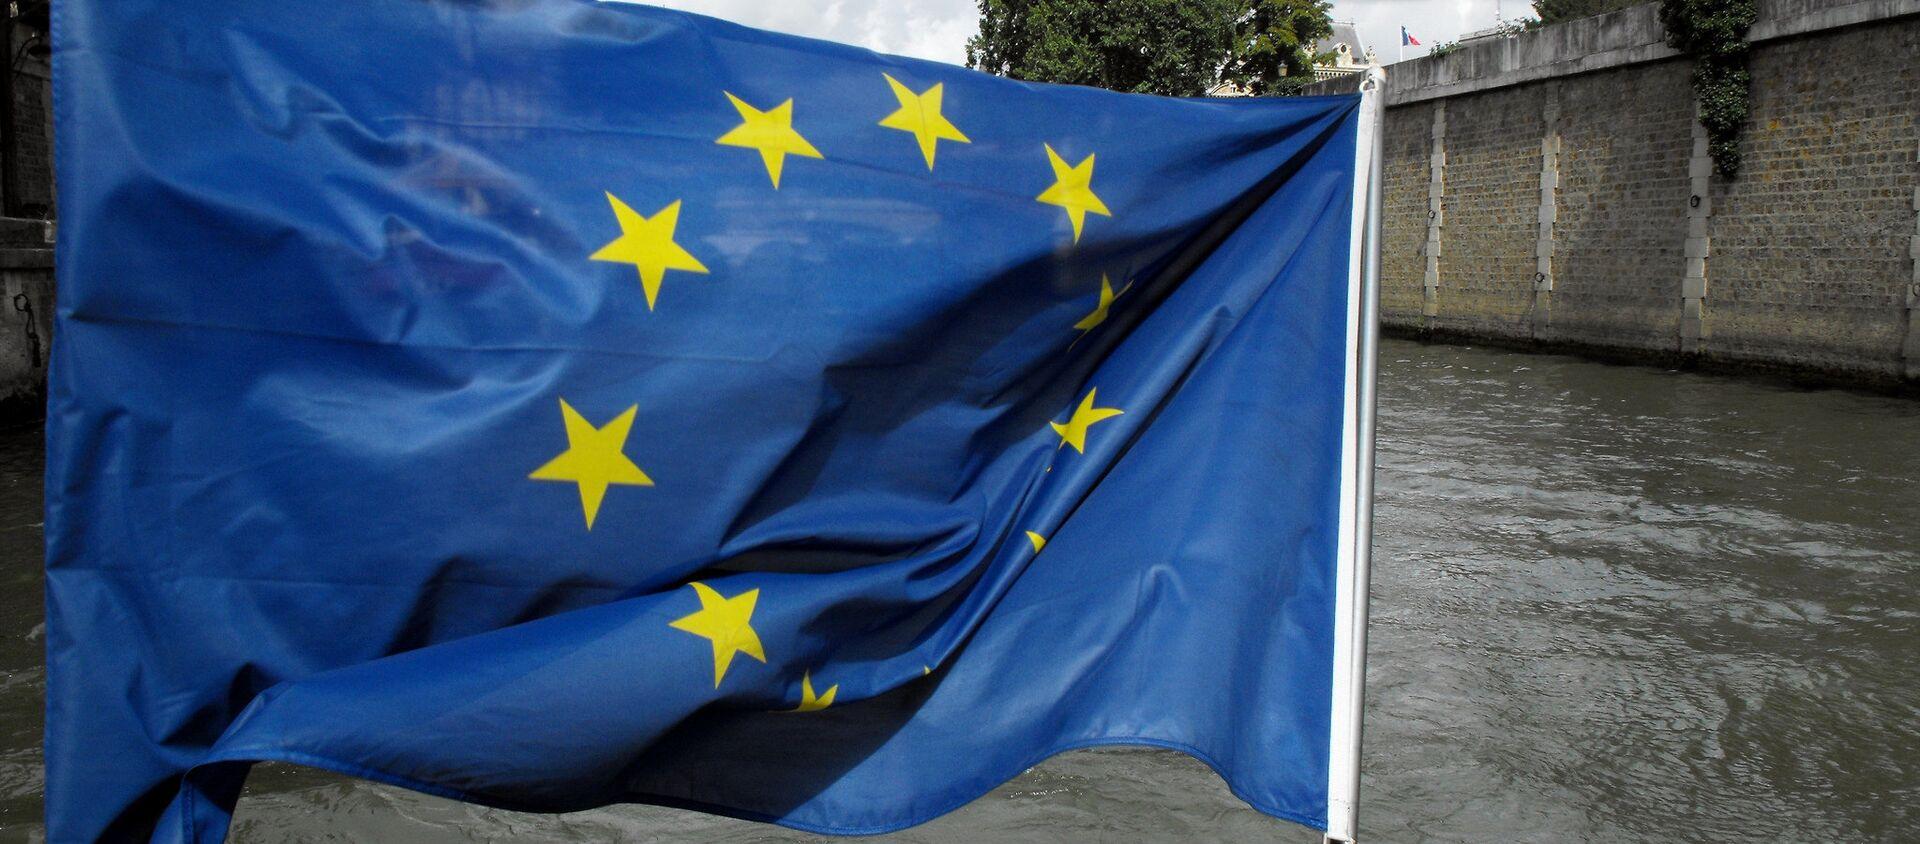 Bandera de la Unión Europea  - Sputnik Mundo, 1920, 26.01.2021